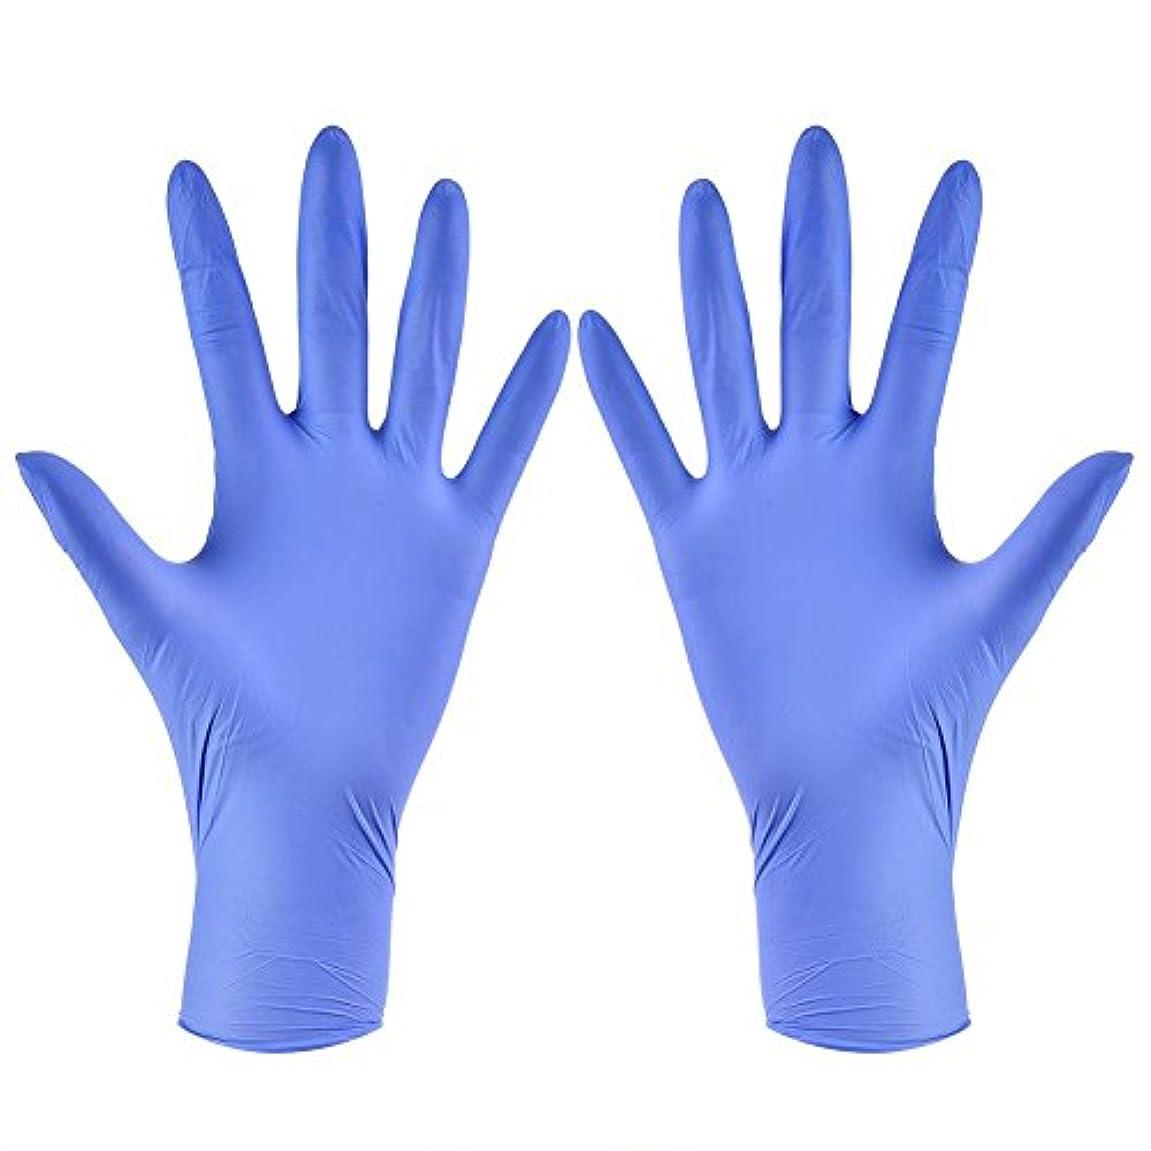 レパートリー爆発愚か使い捨て手袋 ニトリルグローブ ホワイト 粉なし タトゥー/歯科/病院/研究室に適応 S/M/L/XL選択可 100枚 左右兼用(XL)